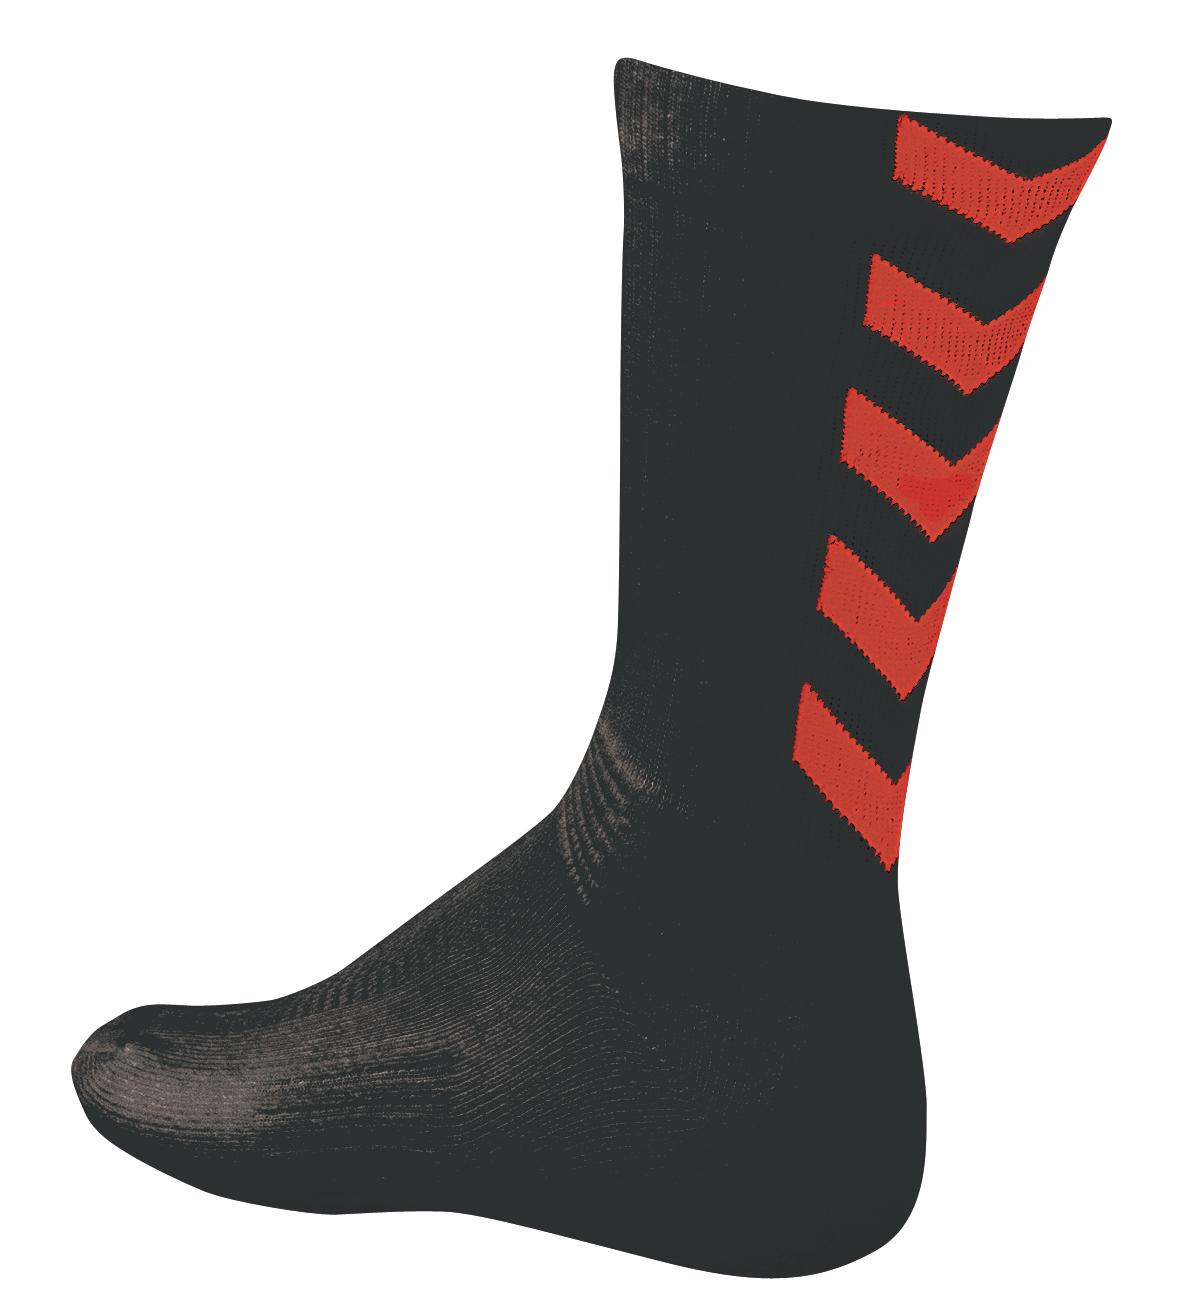 chaussettes-hummel-rouges